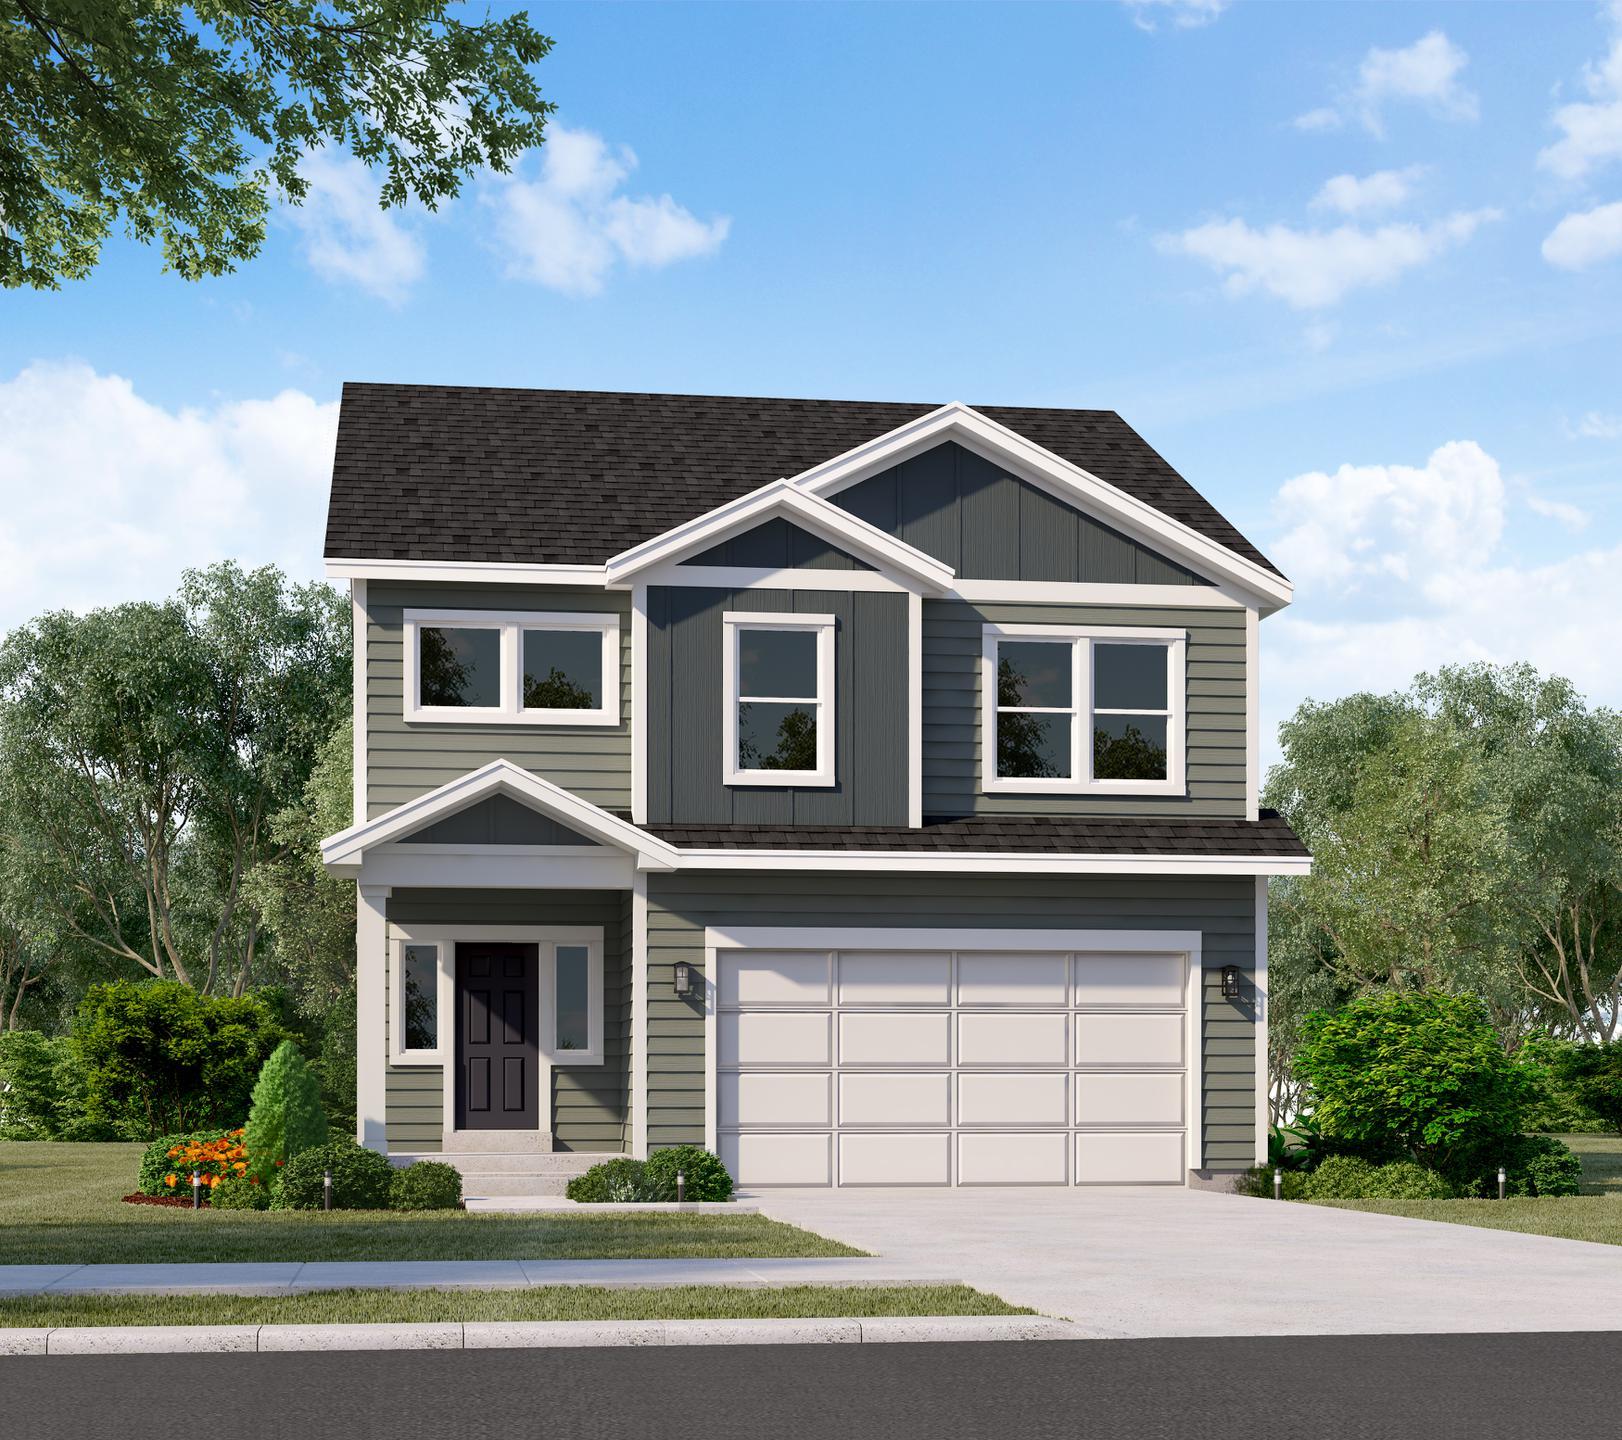 Stonebridge new home in Payson, UT